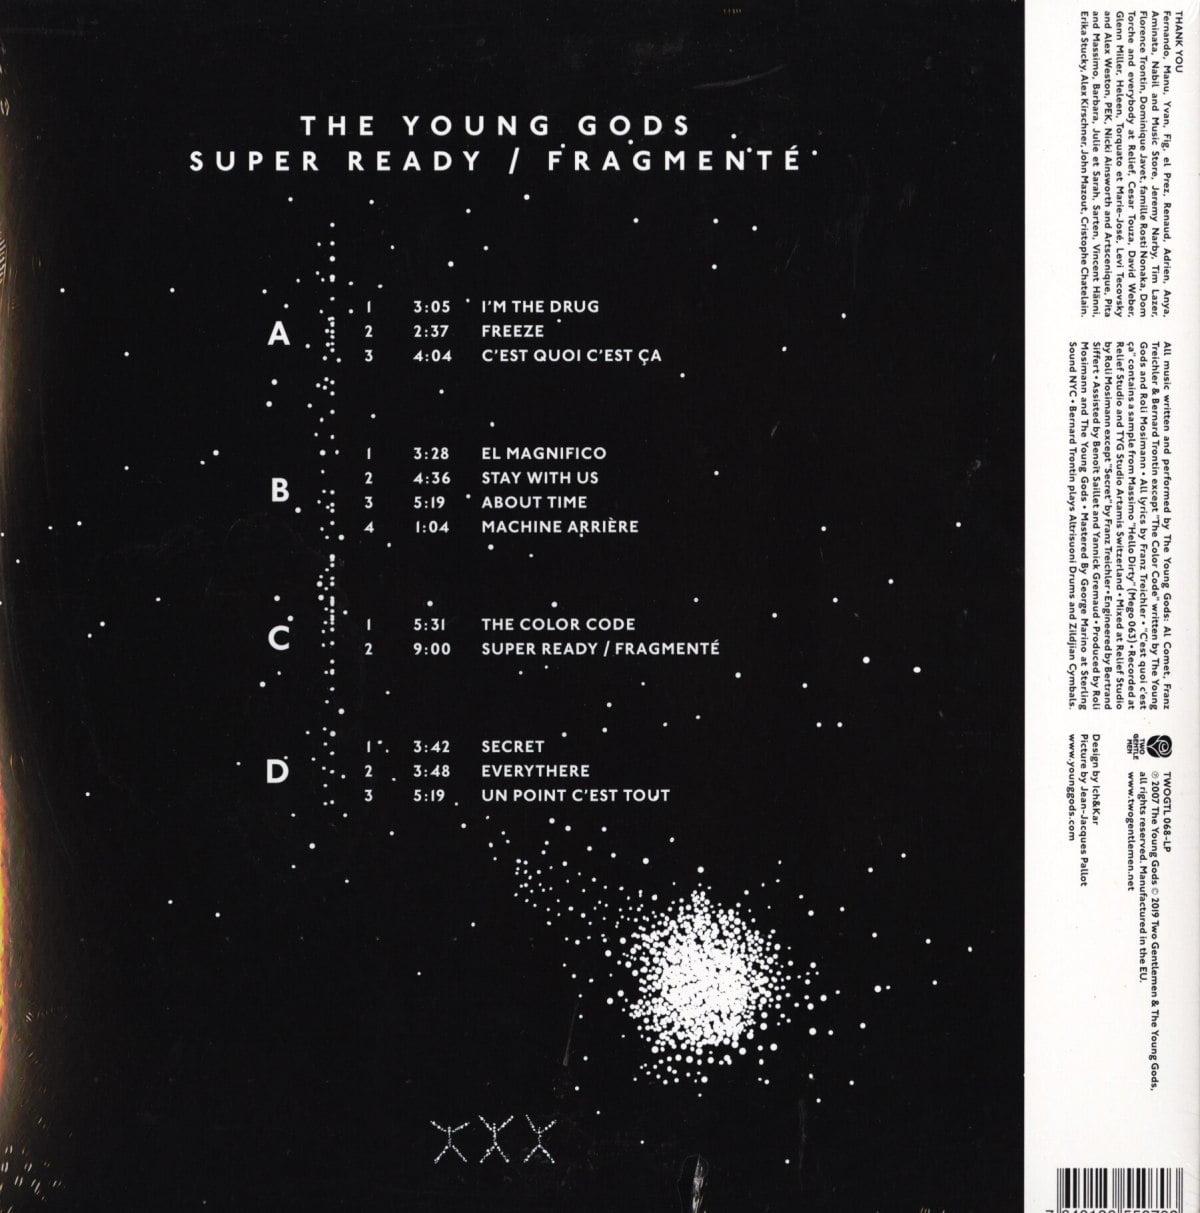 The Young Gods - Super Ready / Fragmenté - Double Vinyl, LP, Reissue, Two Gentlemen Records, 2020